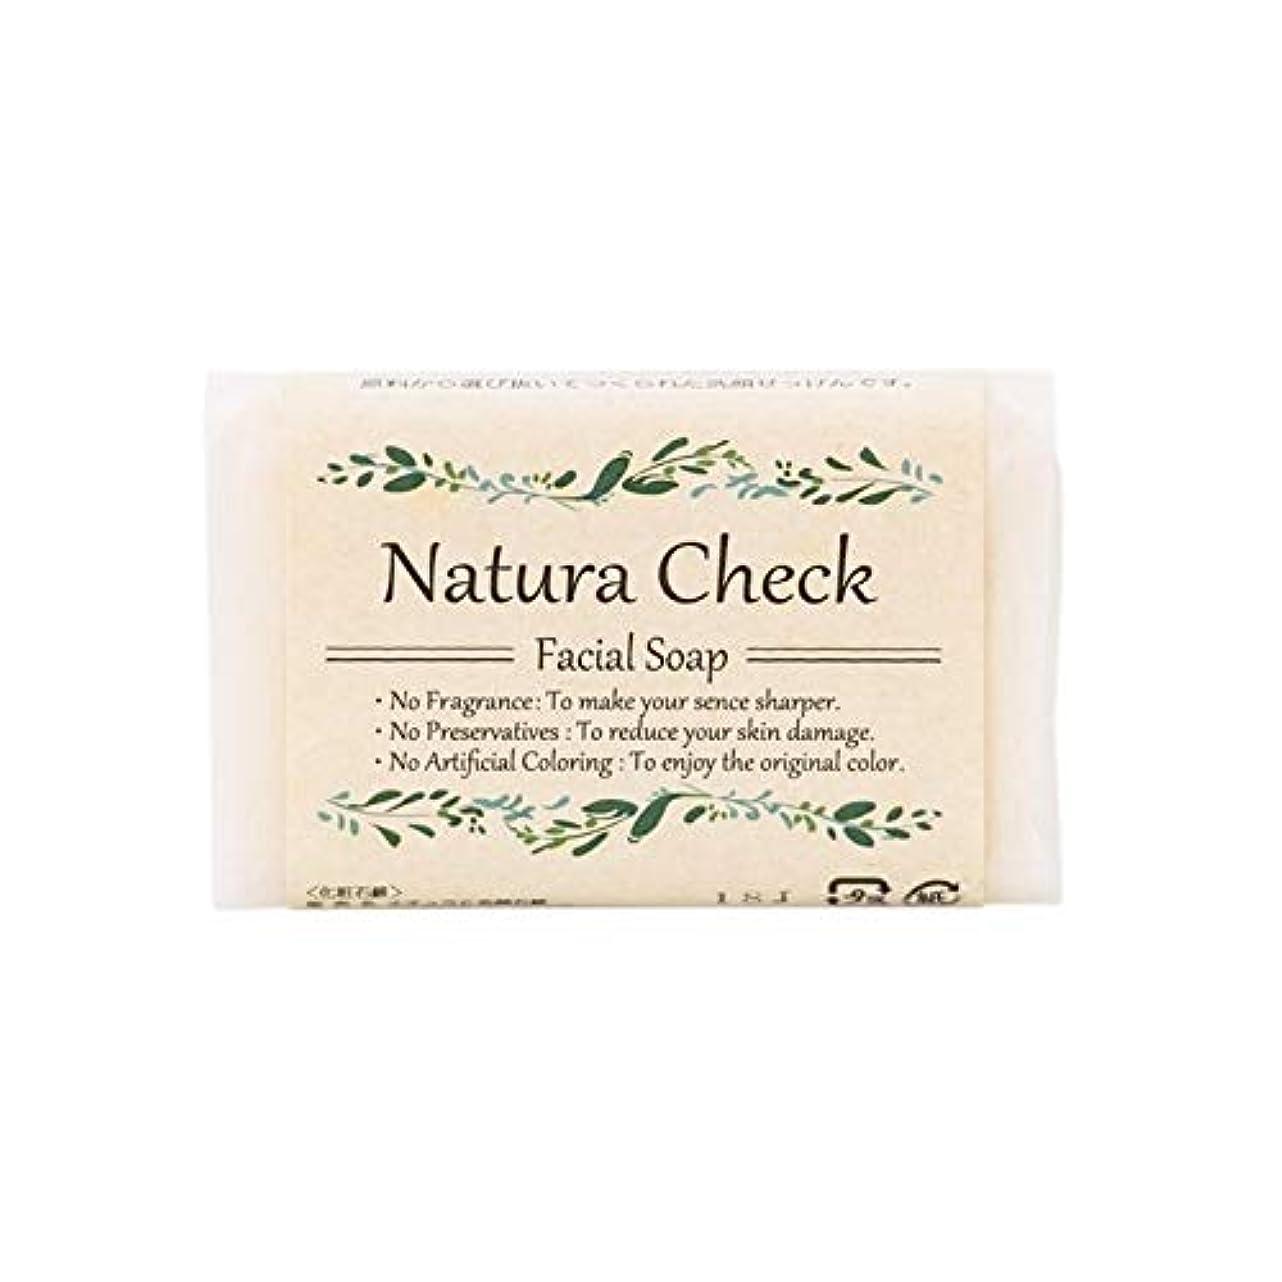 検索エンジンマーケティング生き返らせる常習者Natura Check 無添加洗顔せっけん80g 毛穴の黒ずみ、毛穴の開き、敏感肌、乾燥肌対策に 新生児やアトピー肌にも安心